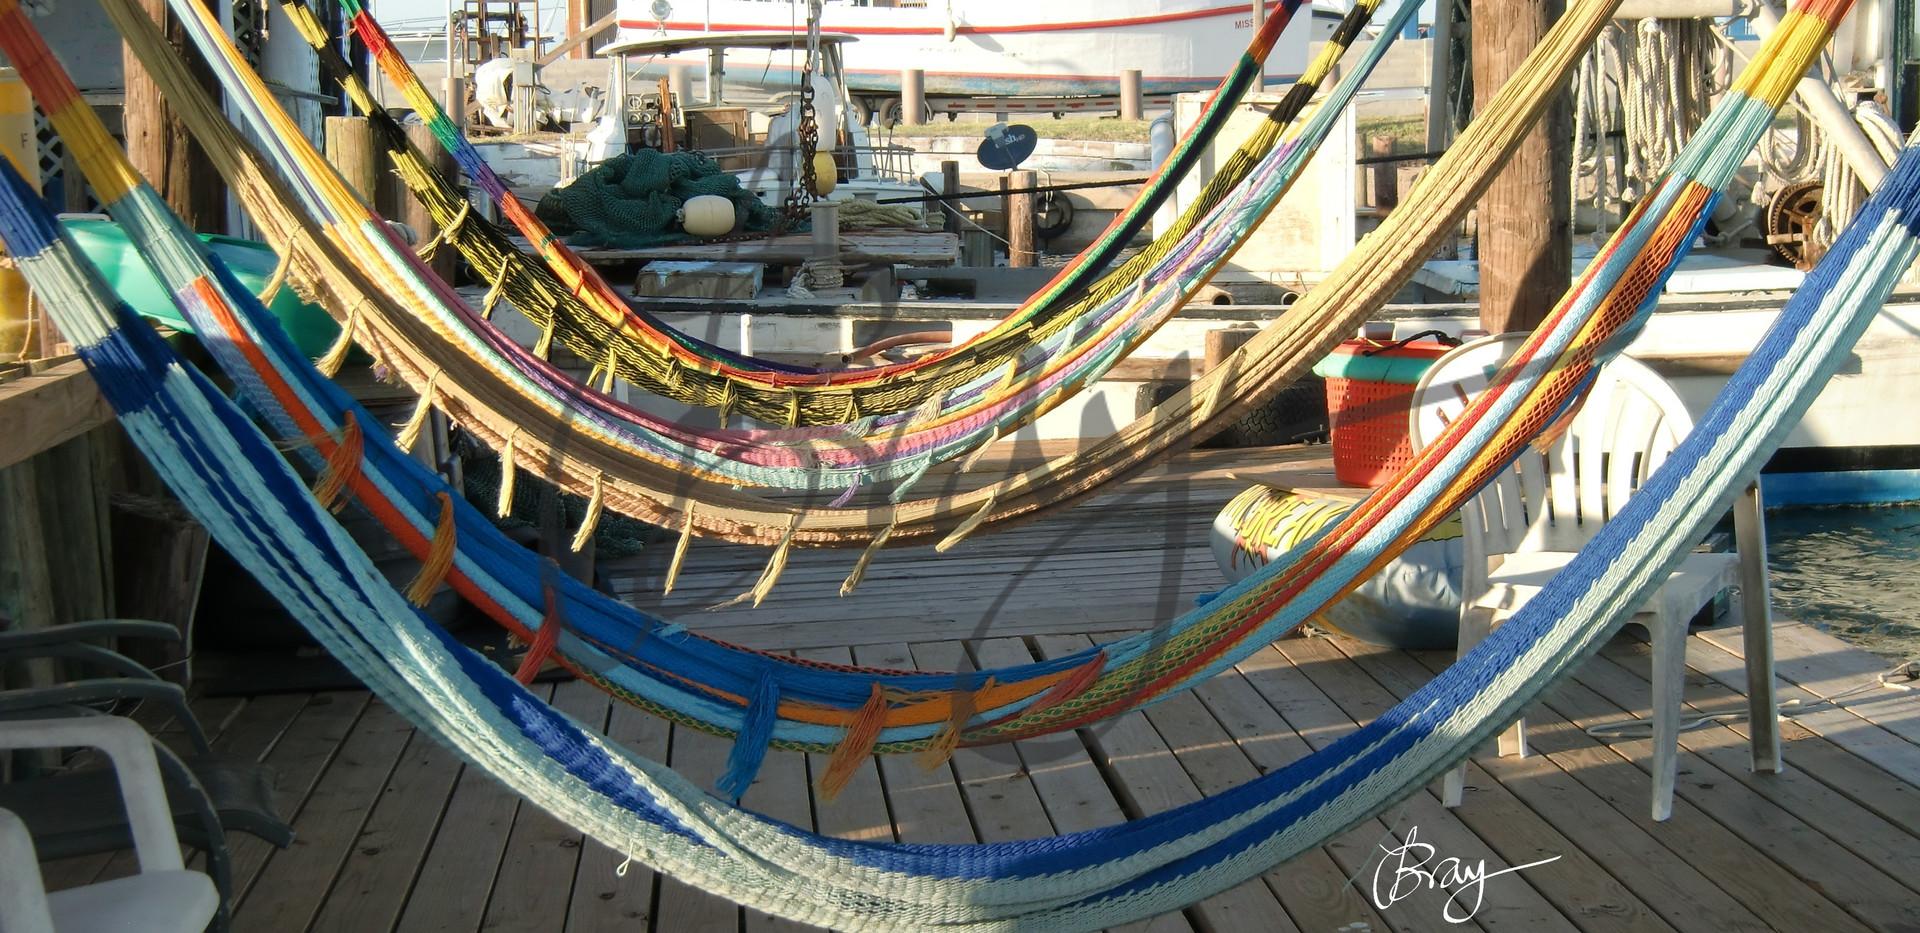 Hammocks at Fulton Harbor